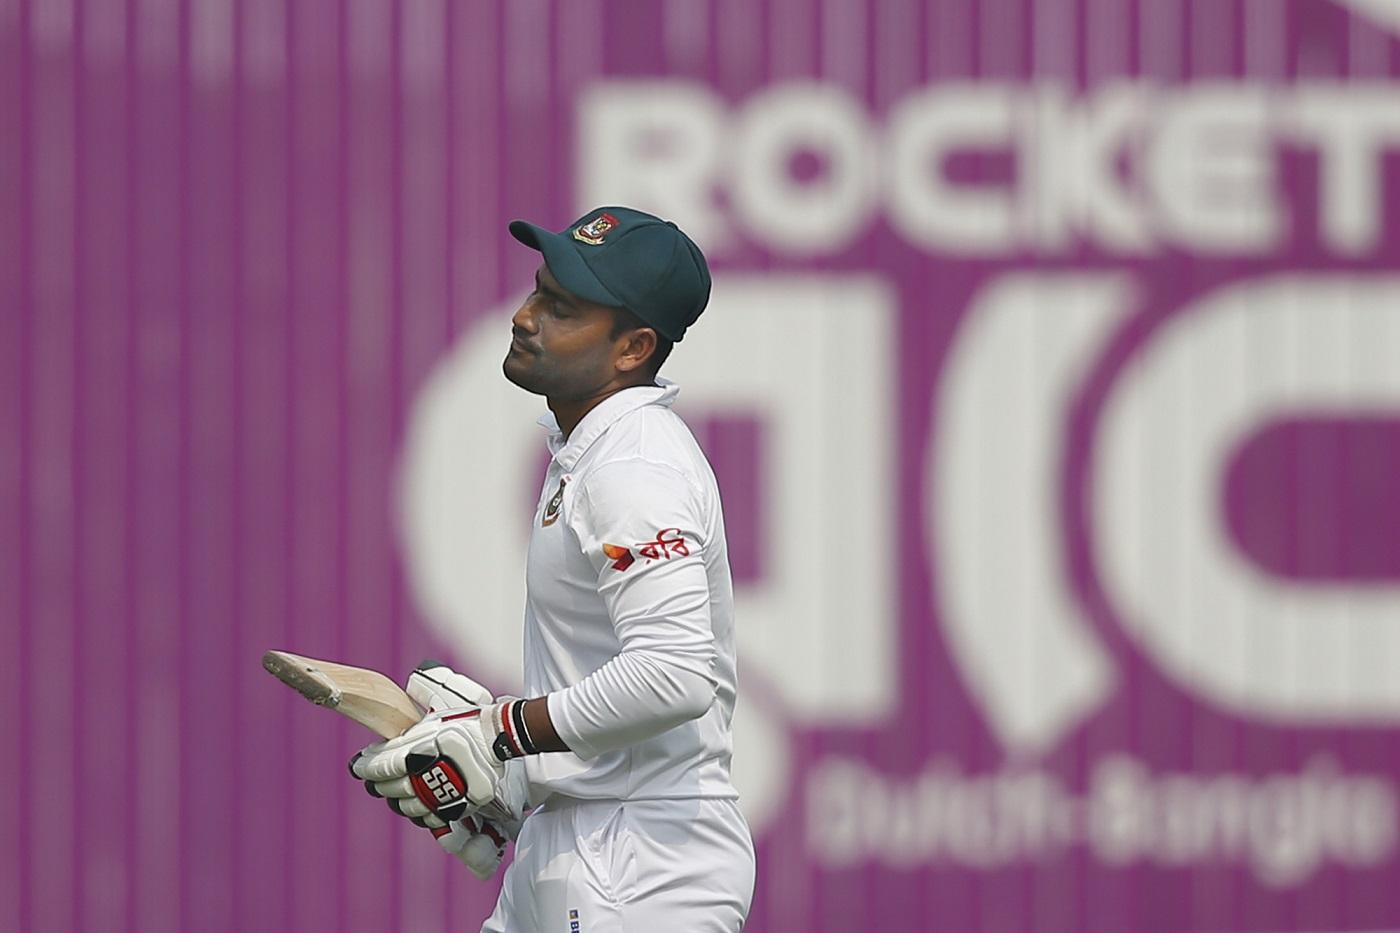 Bangladesh's Imrul Kayes reacts